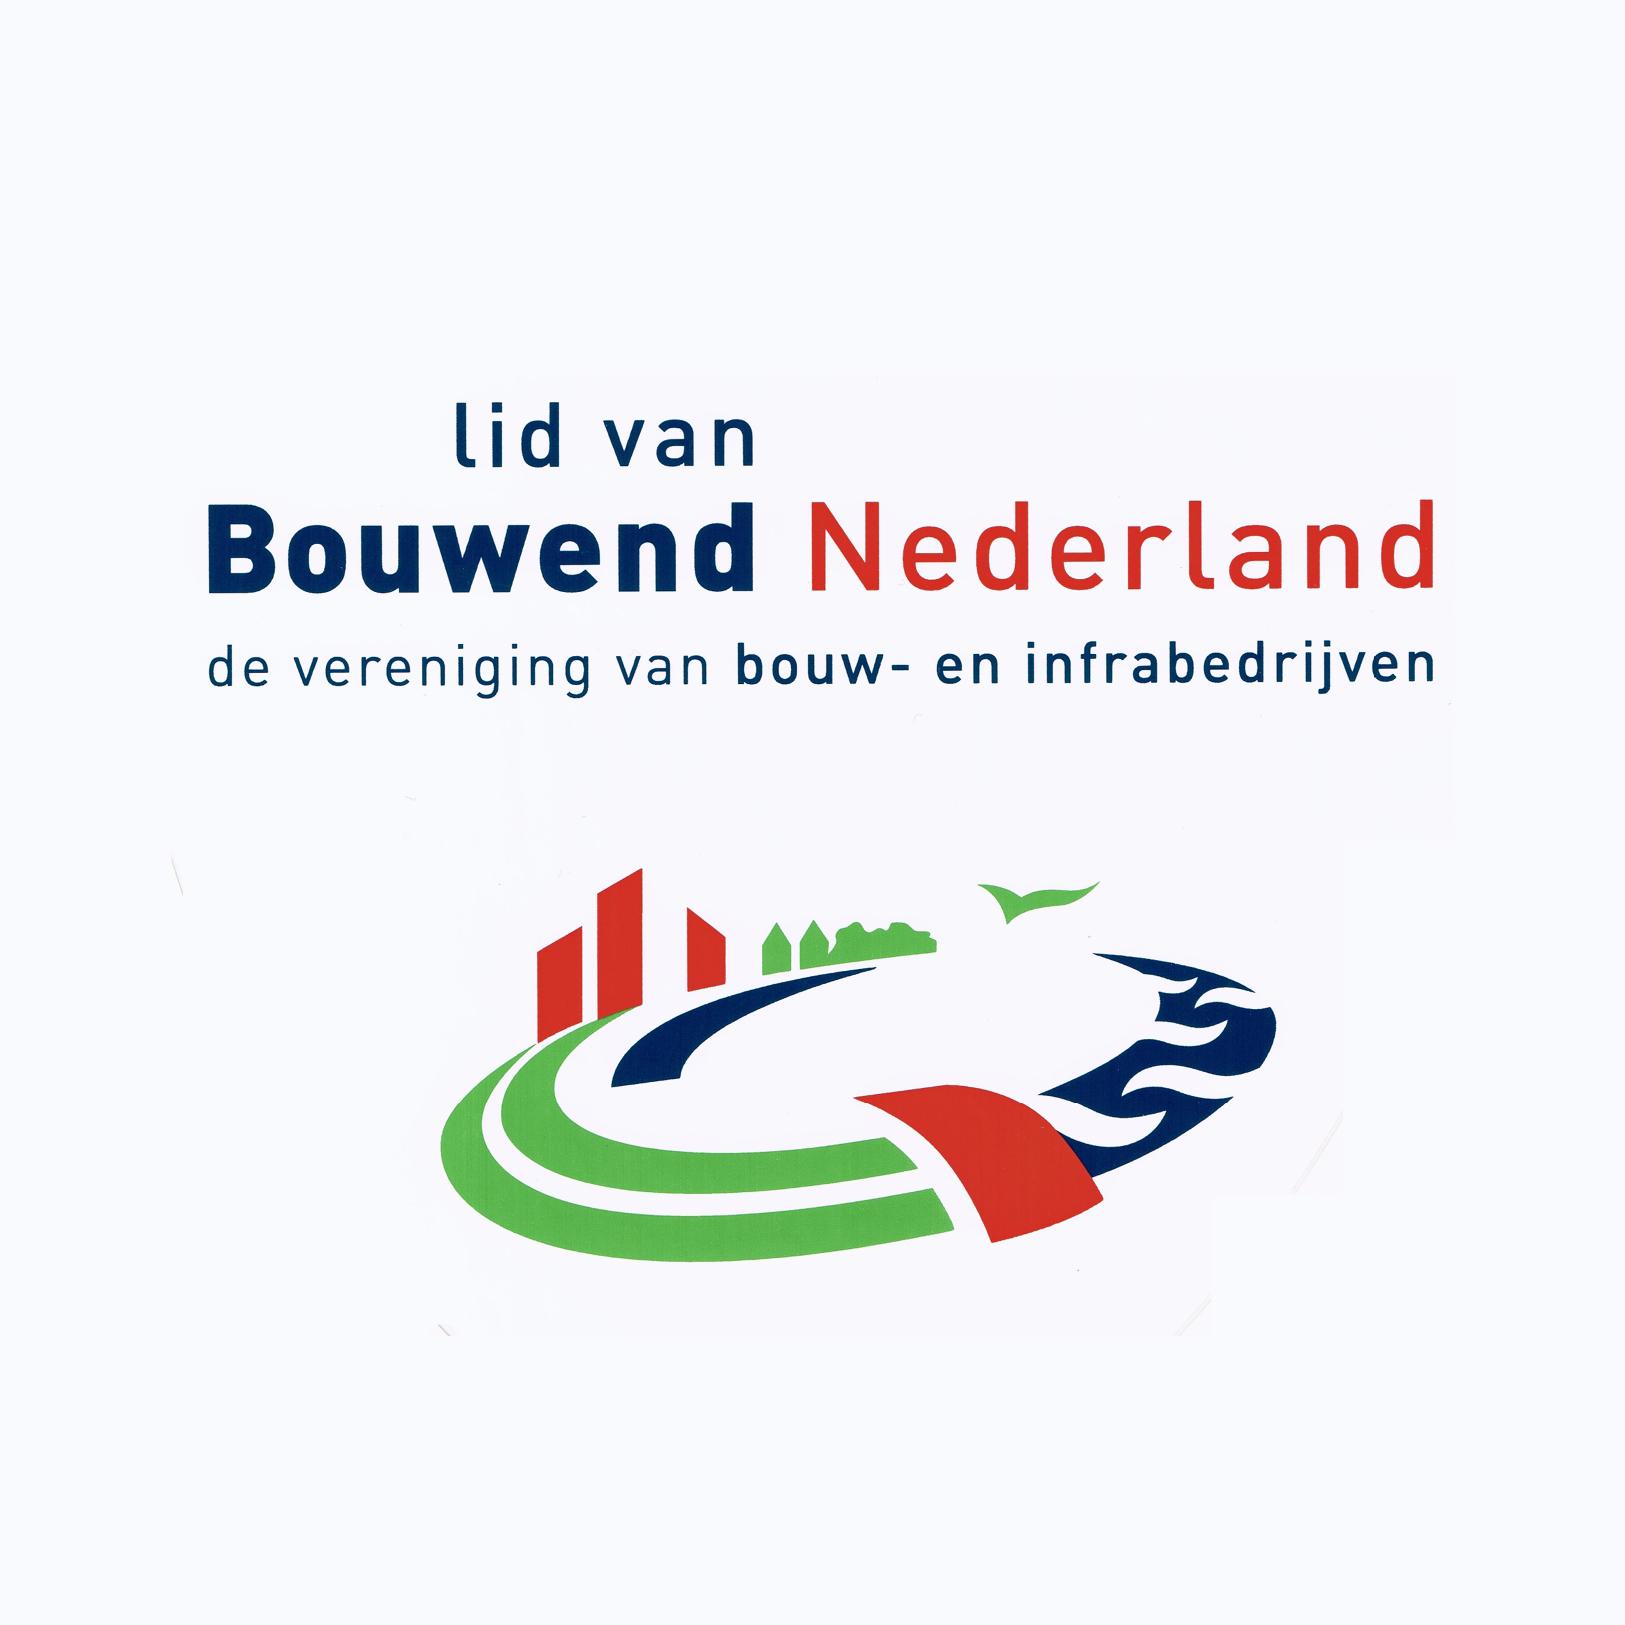 bouwend_nederland_meijvogel